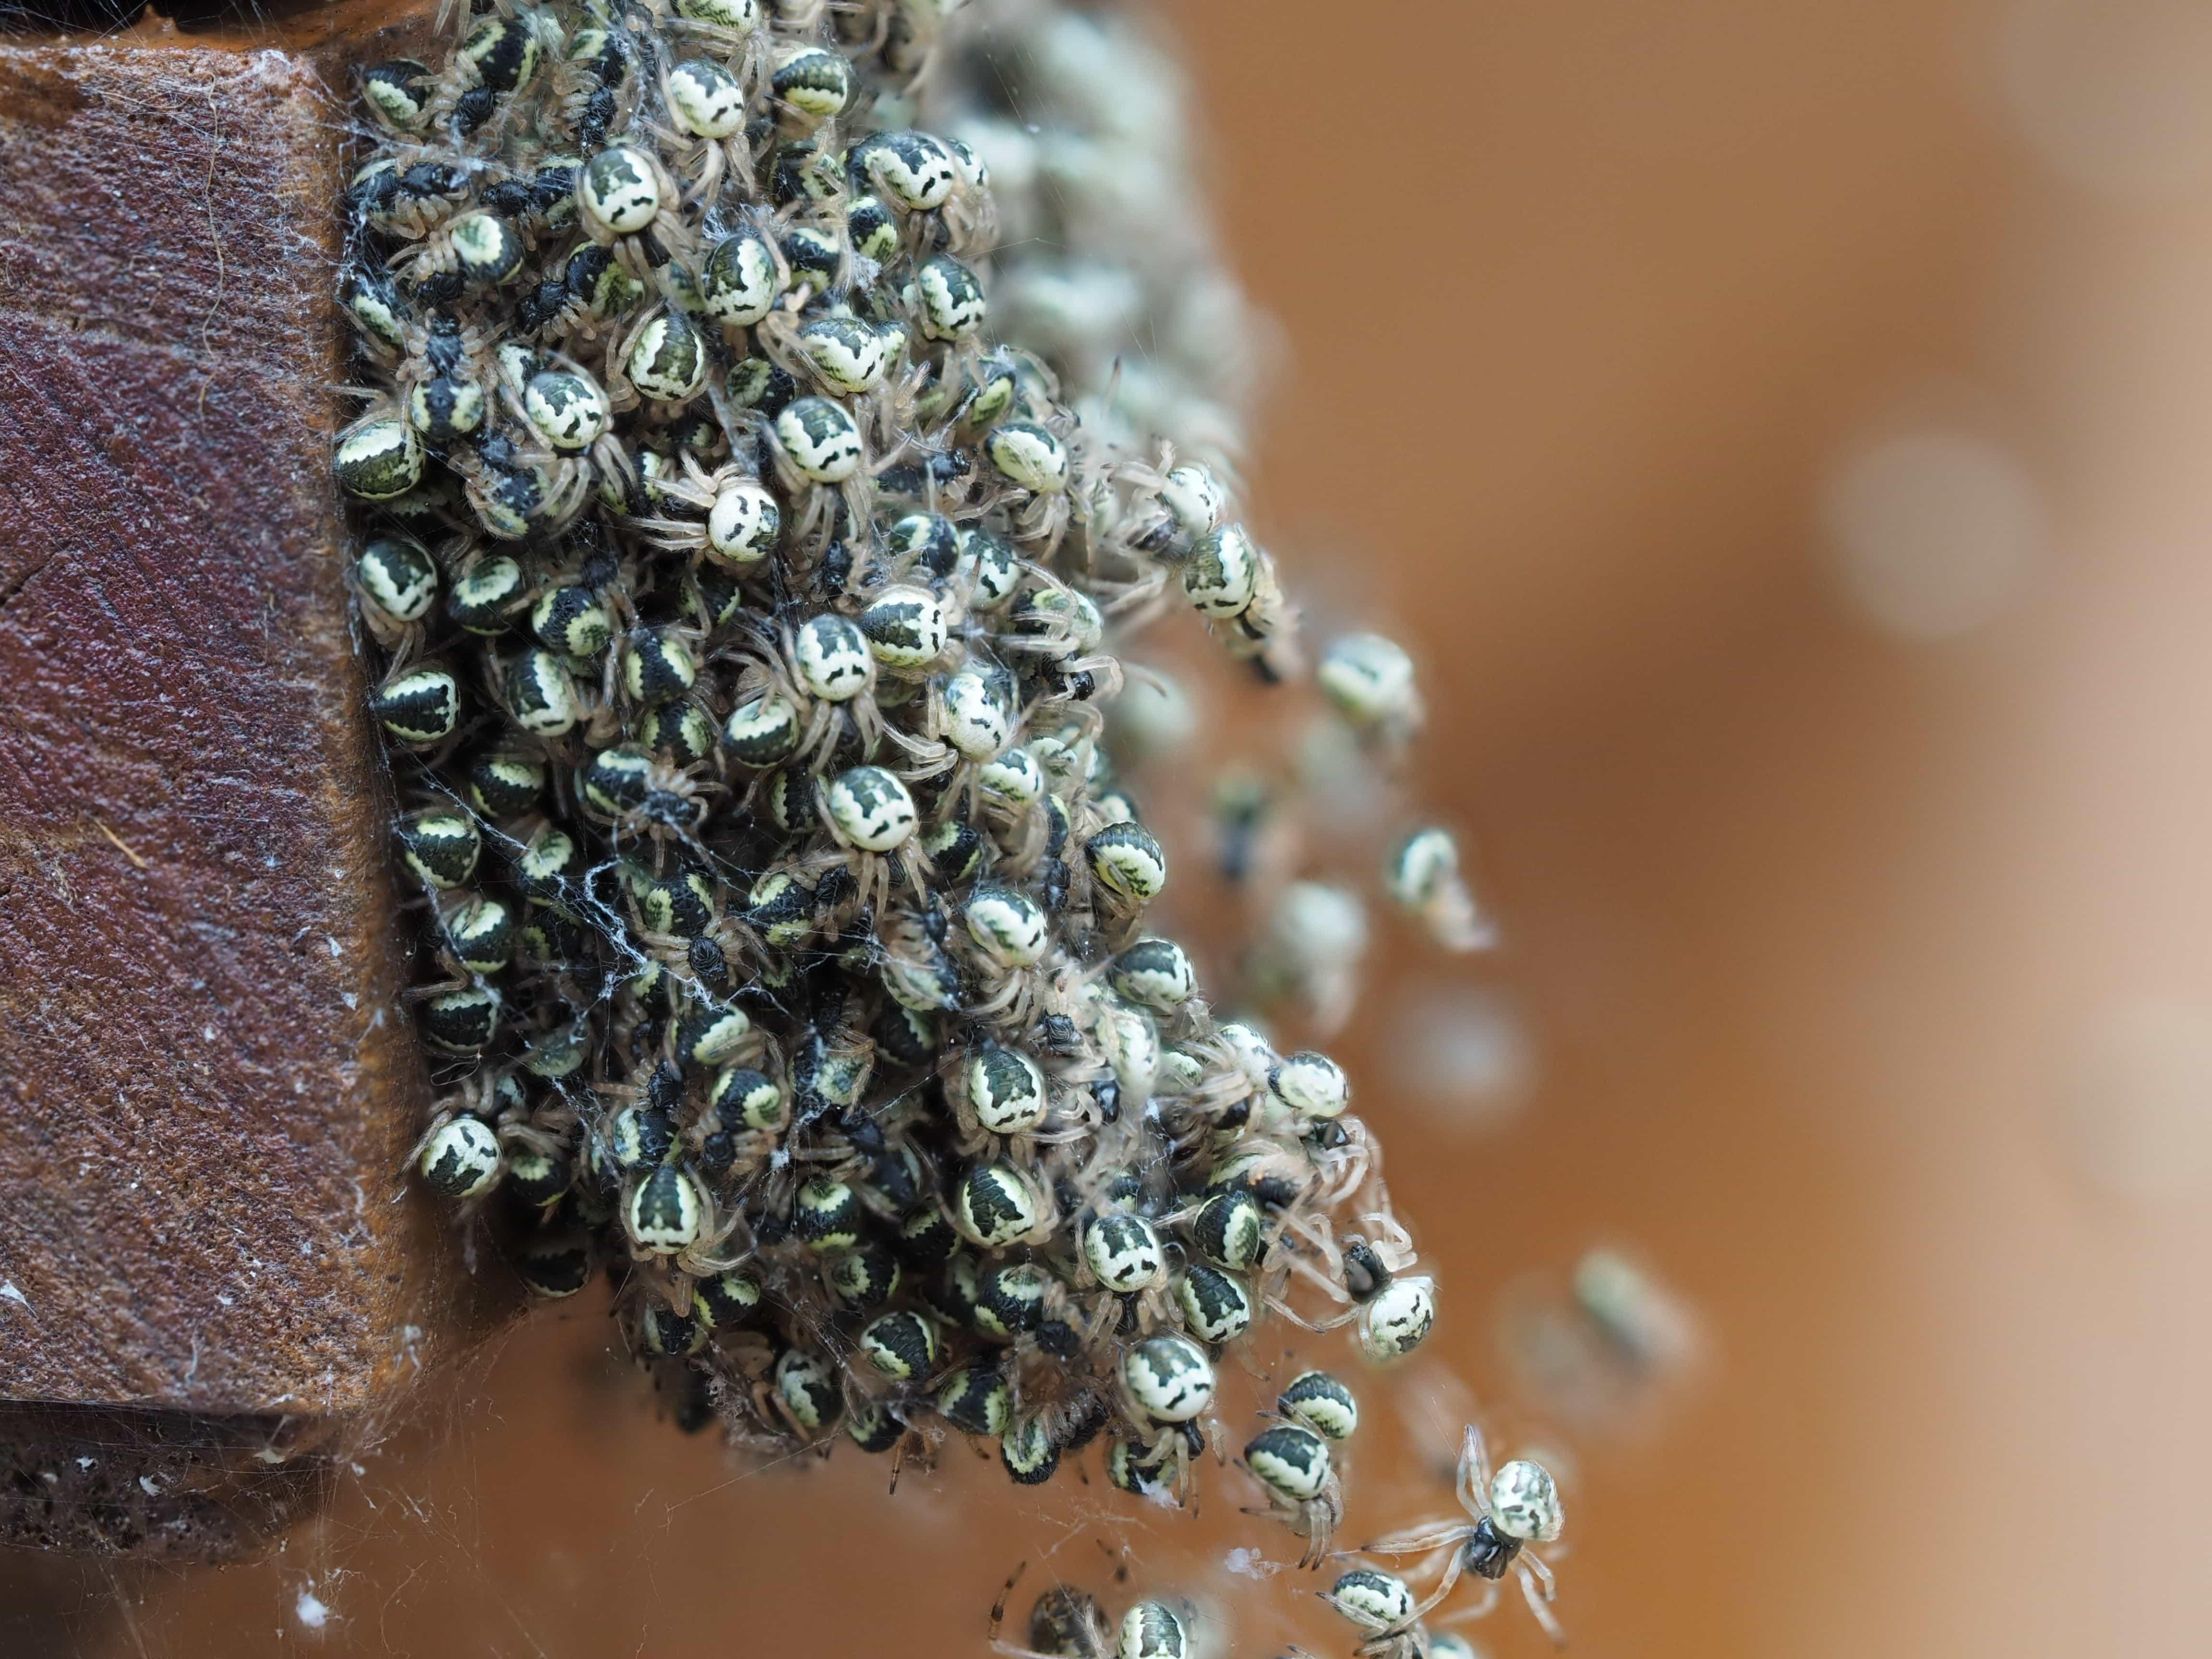 Picture of Araneidae (Orb-weavers) - Male,Female - Dorsal,Spiderlings